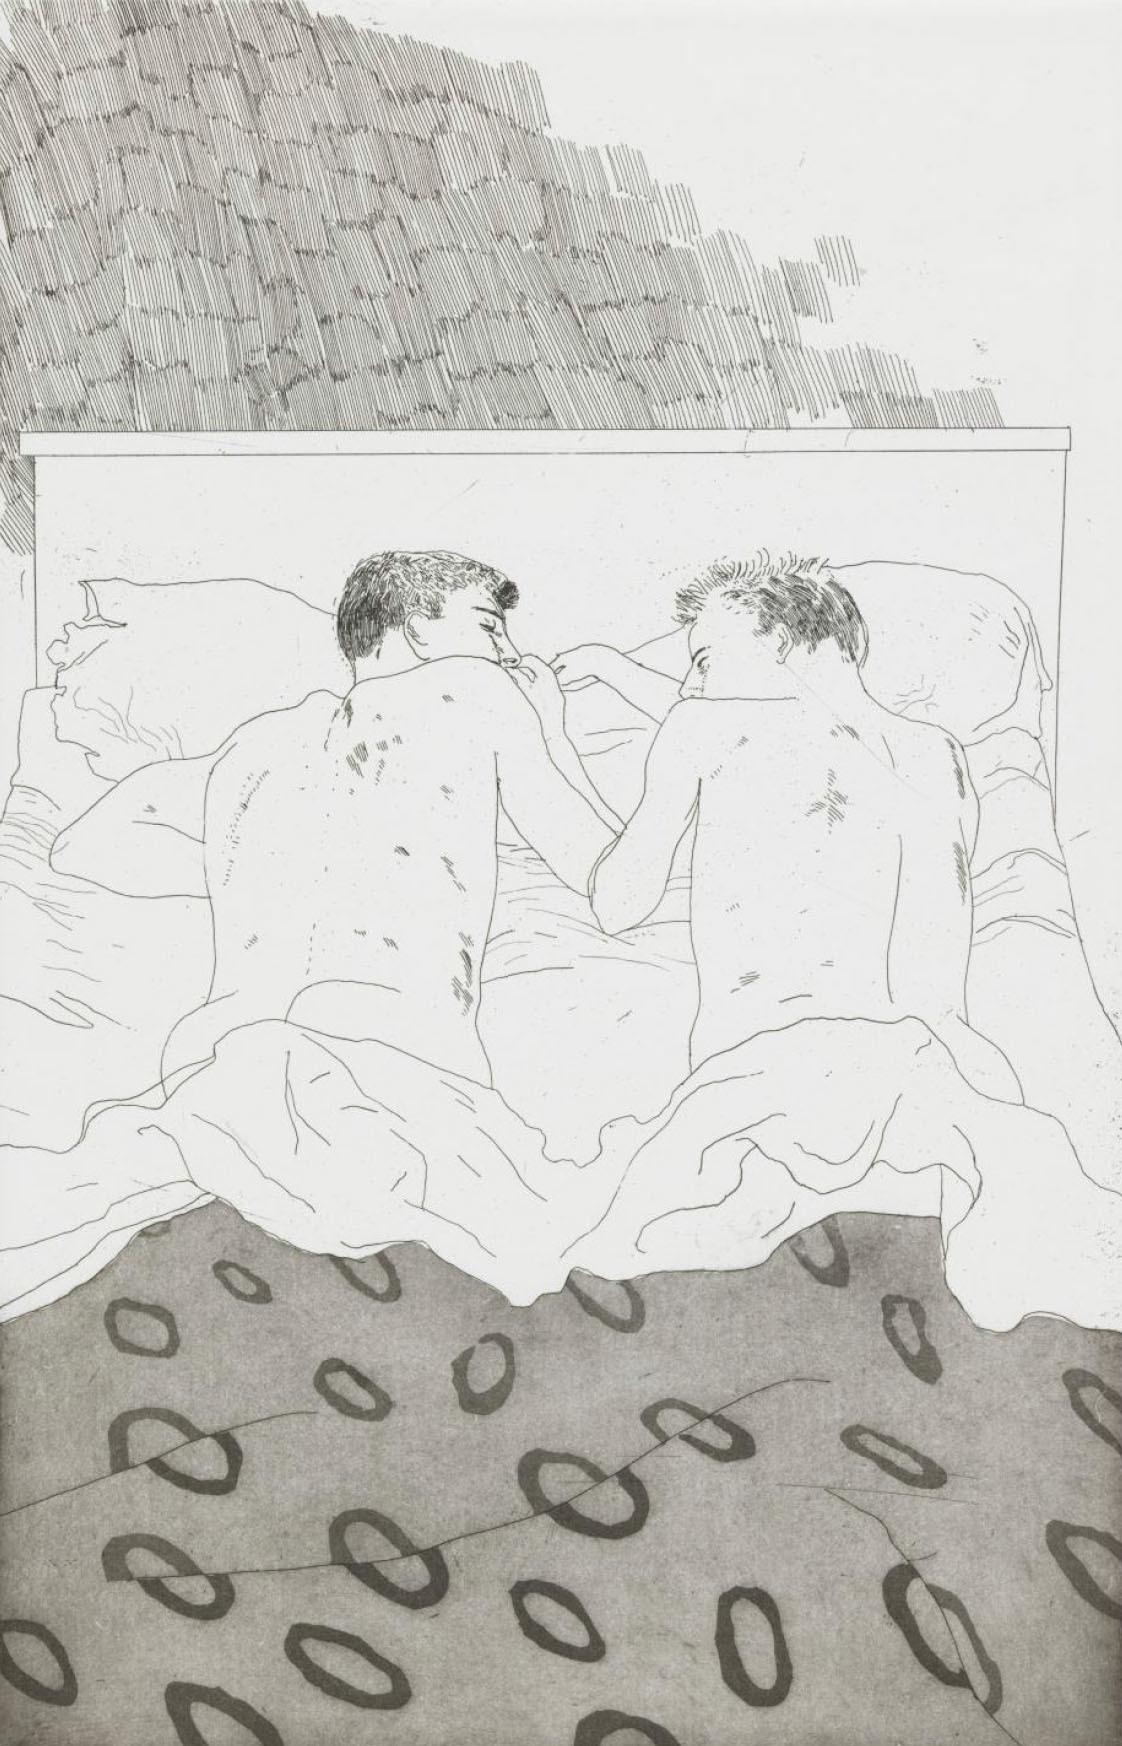 デイヴィッド・ホックニー 《23, 4歳のふたりの男子》C.P. カヴァフィスの14編の詩のための挿絵より 1966年エッチング、アクアチント/紙 34.5×22.3cm Tate: Purchased 1992 ⓒ David Hockney